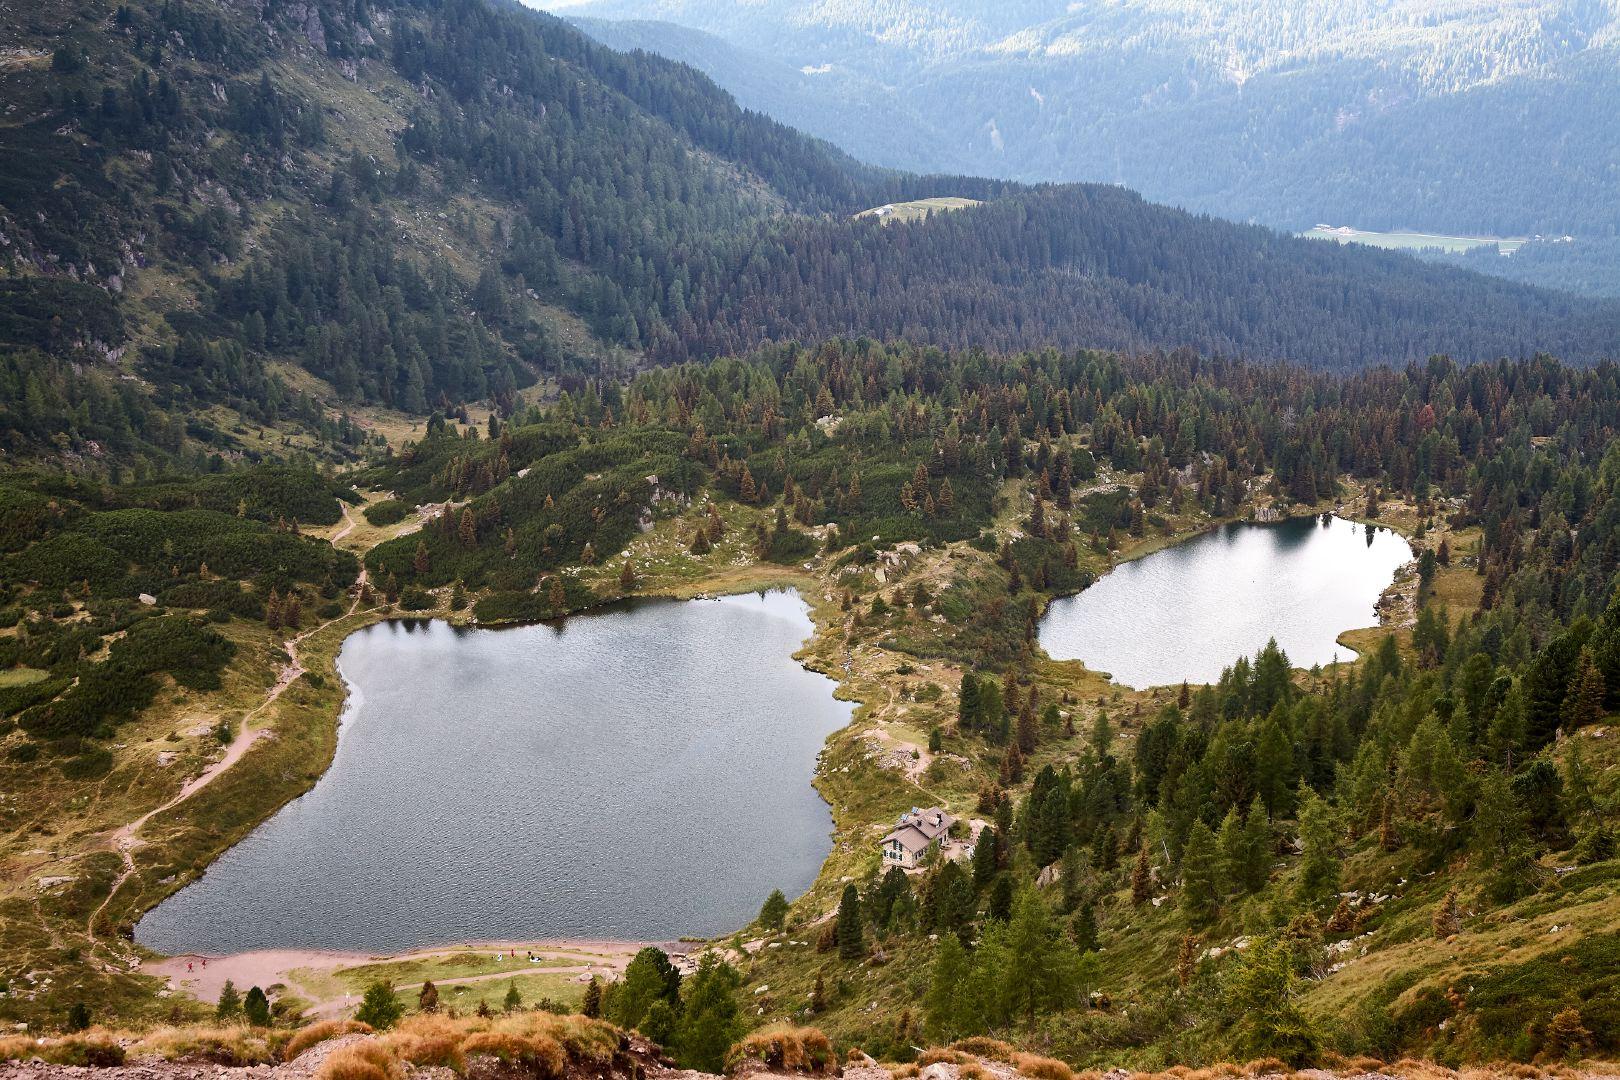 Nuove foto: Escursione al passo Rolle, Cavallazza e laghi di Colbricon